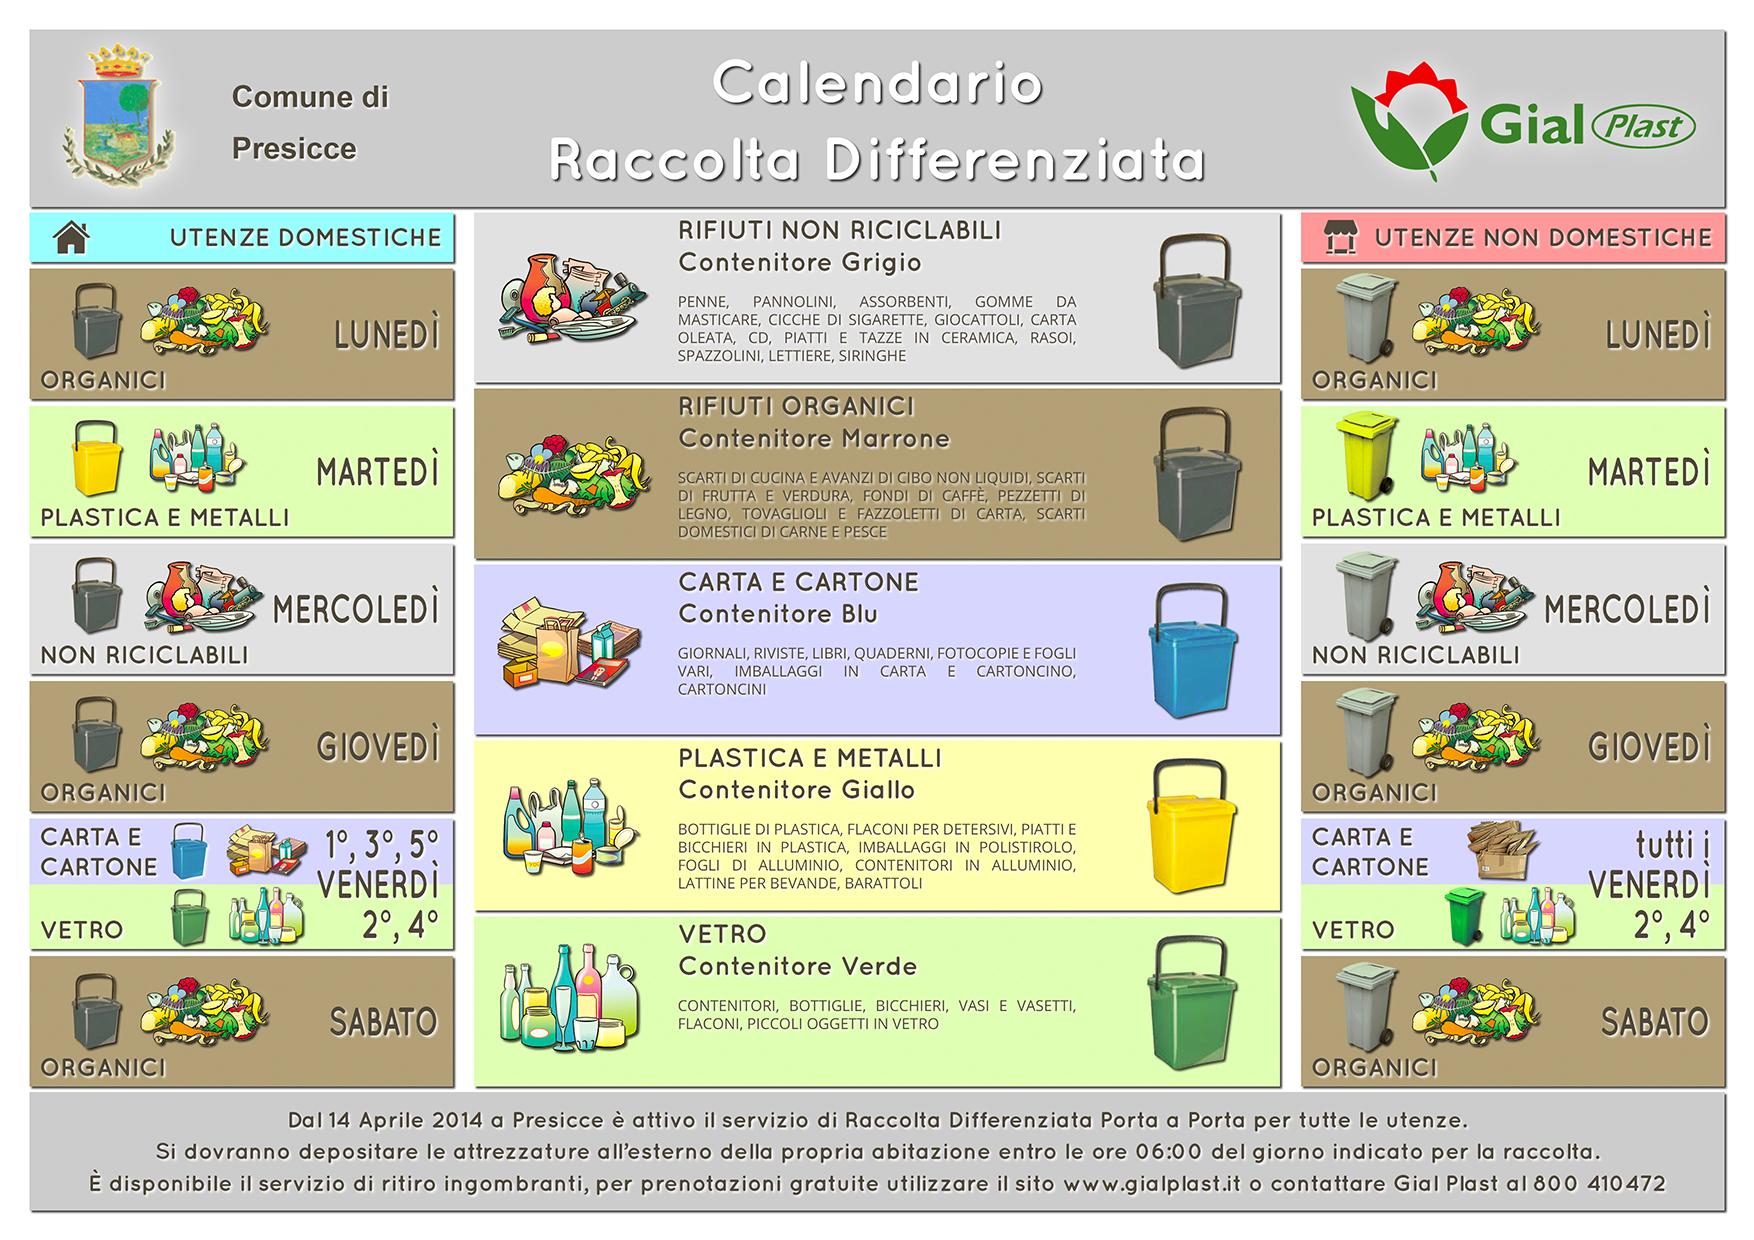 Calendario Raccolta.Calendario Raccolta Differenziata Presicce Gial Plast